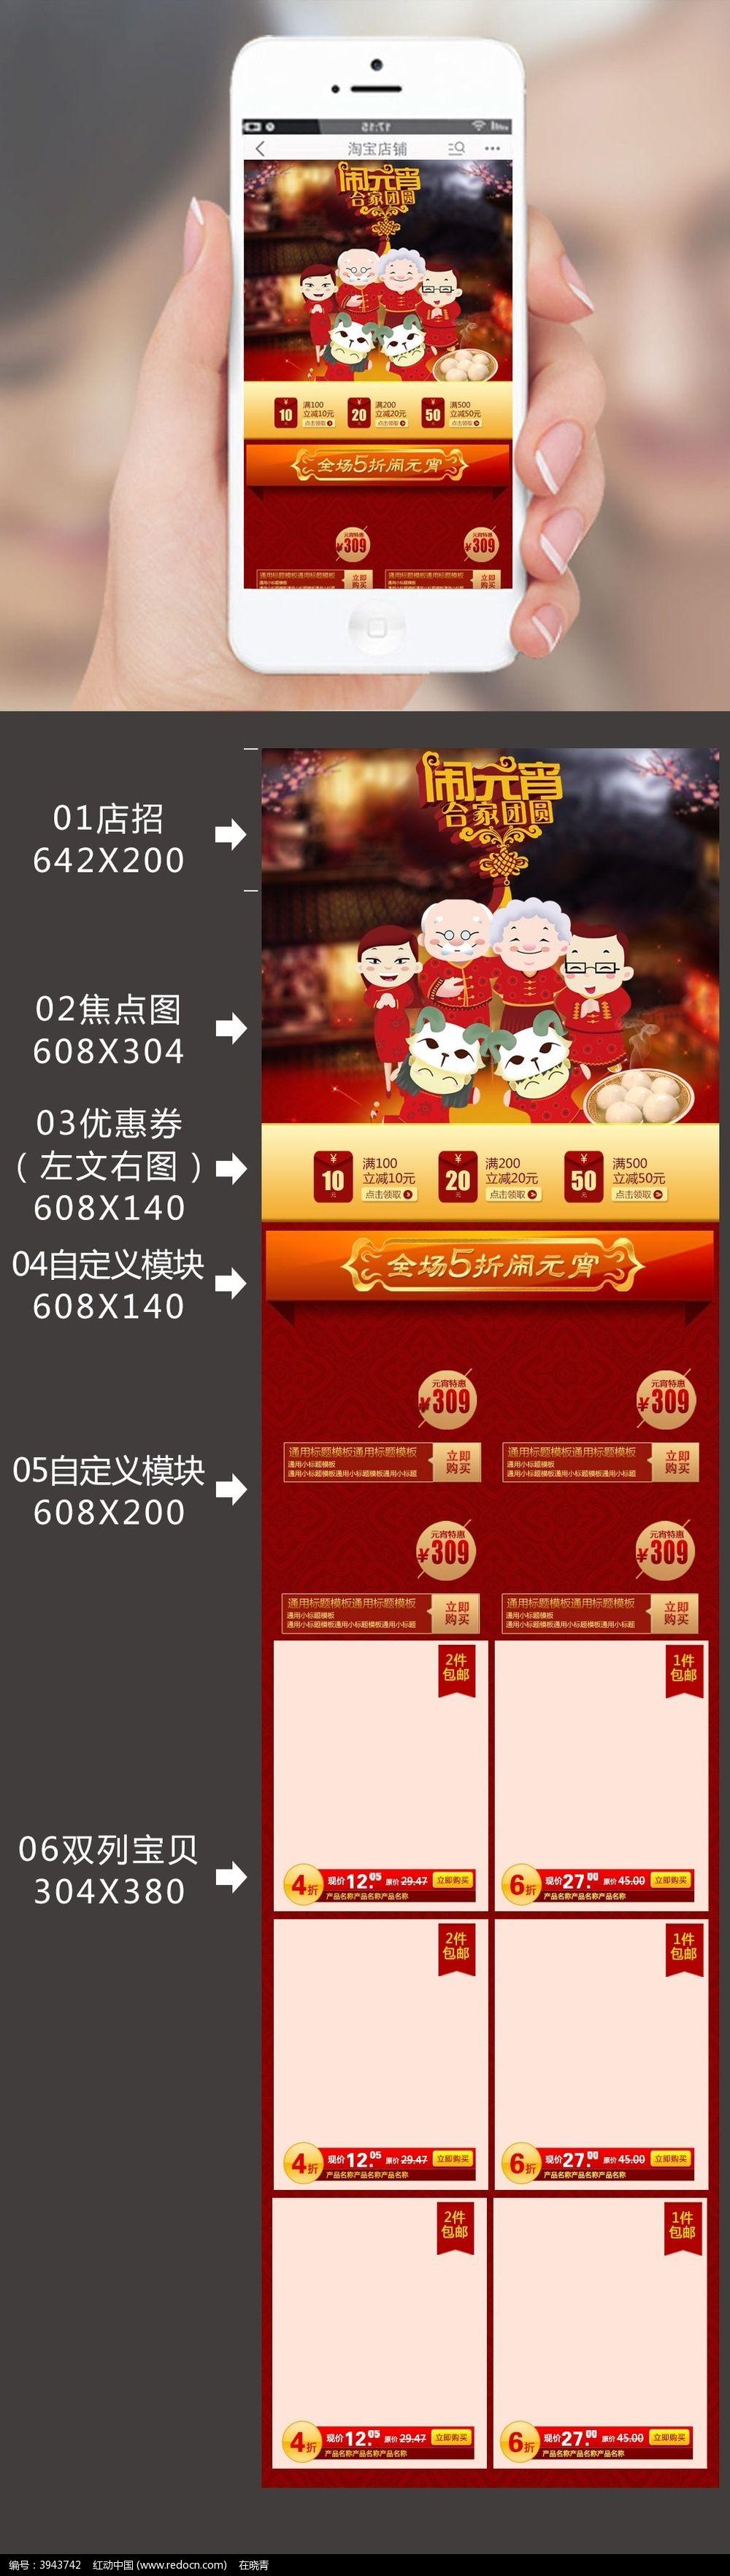 2015羊年元宵节淘宝手机端素材模板